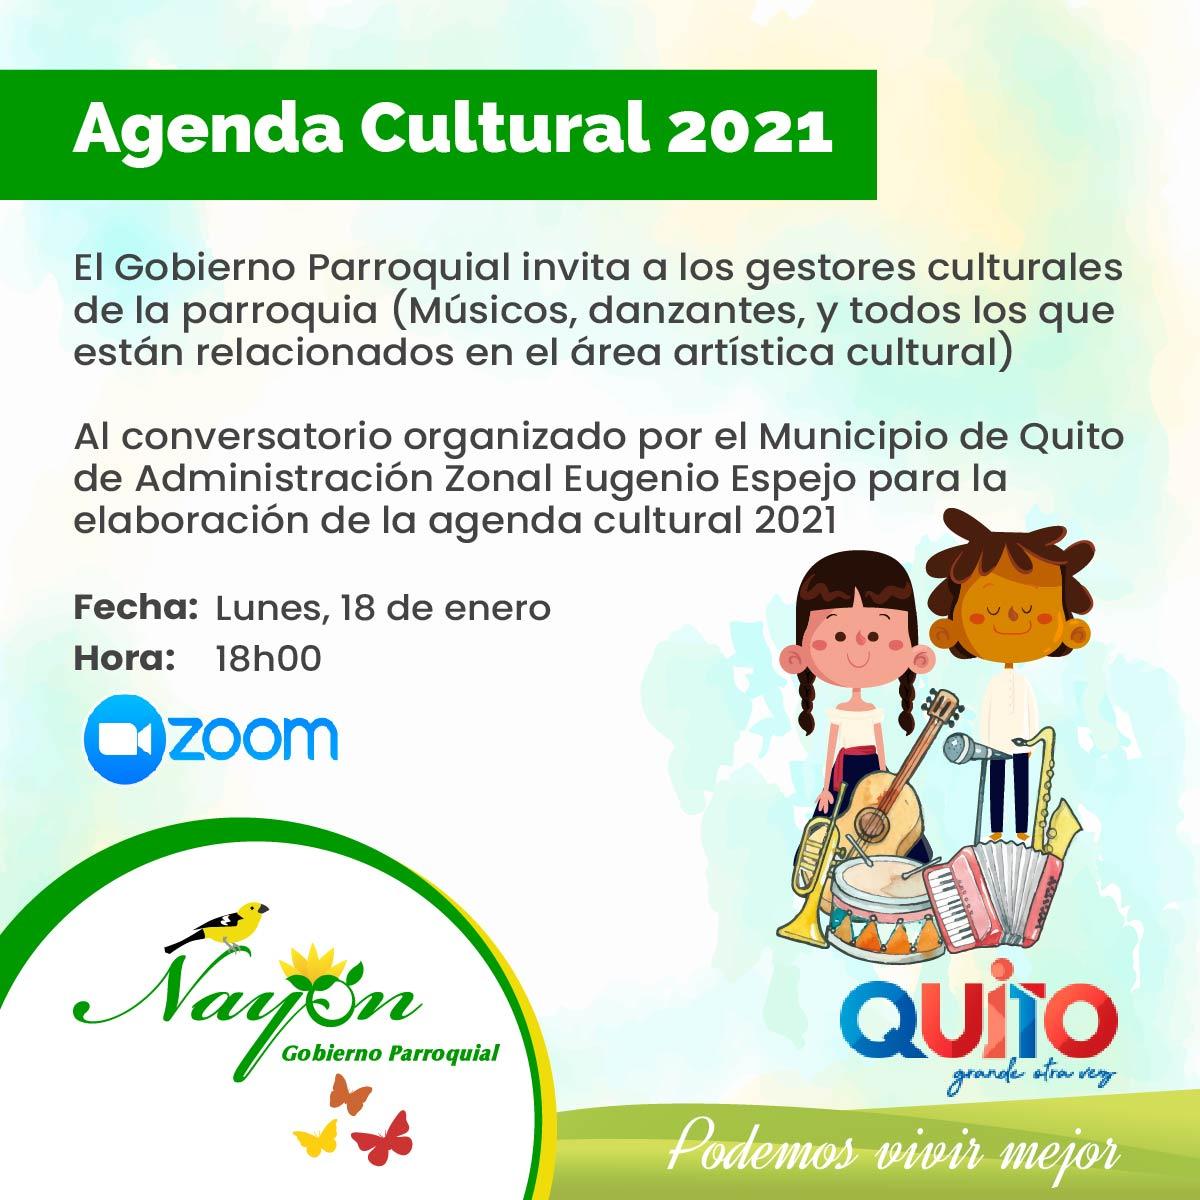 Agenda Culural 2021